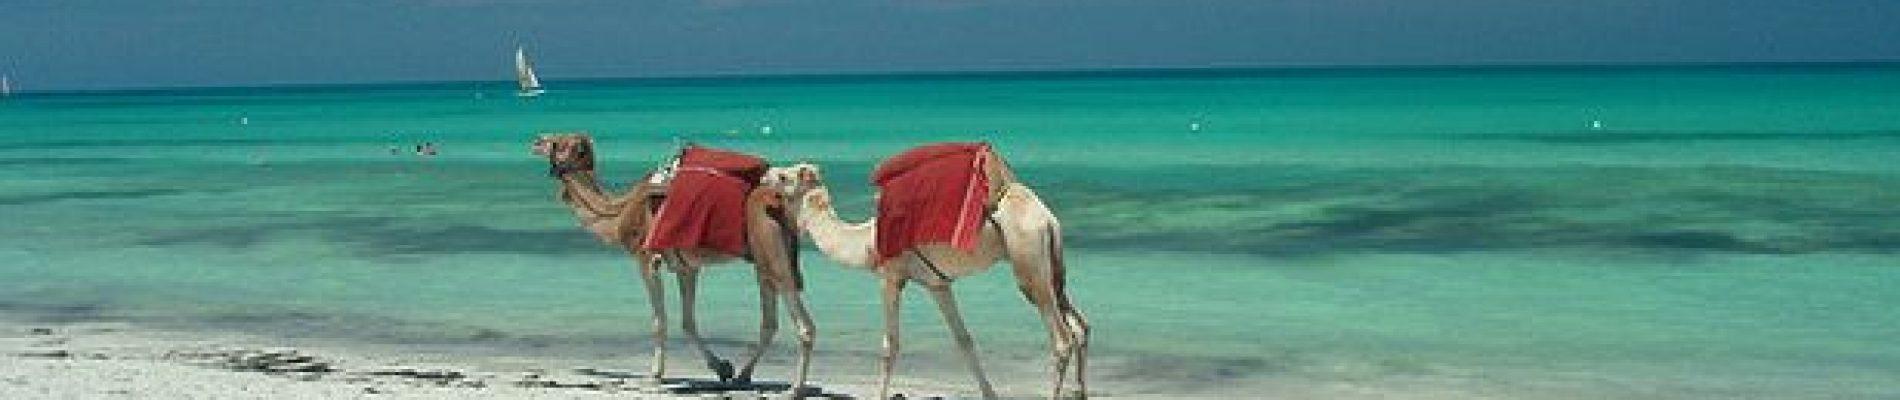 0_Djerba-beach-camels-Tunisia-Creative-Commons-Djerba-Travel